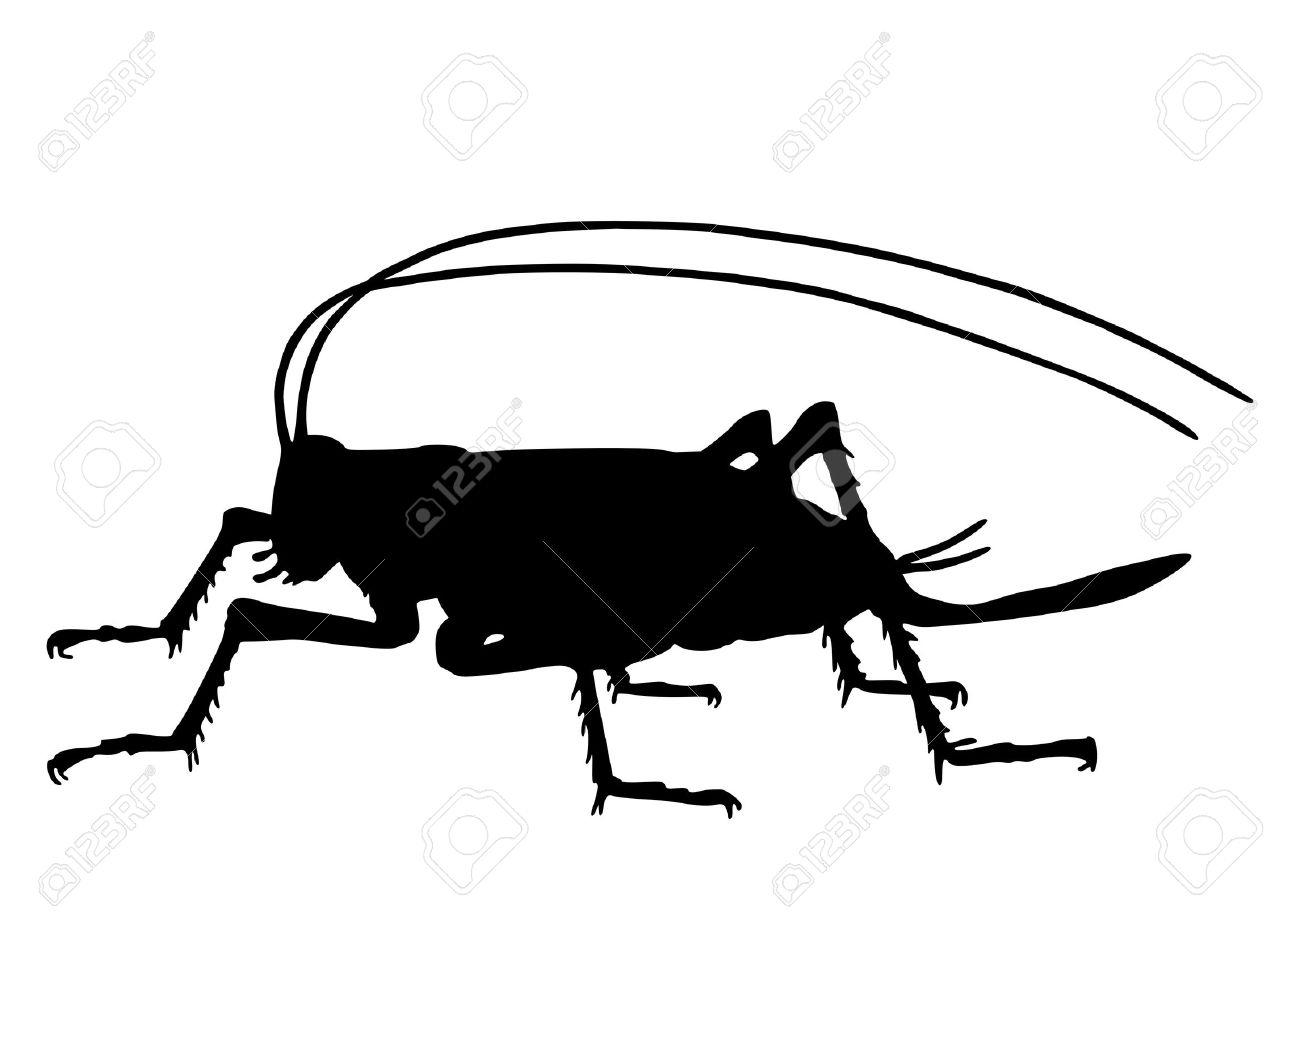 1300x1040 Grasshopper Clipart Black And White